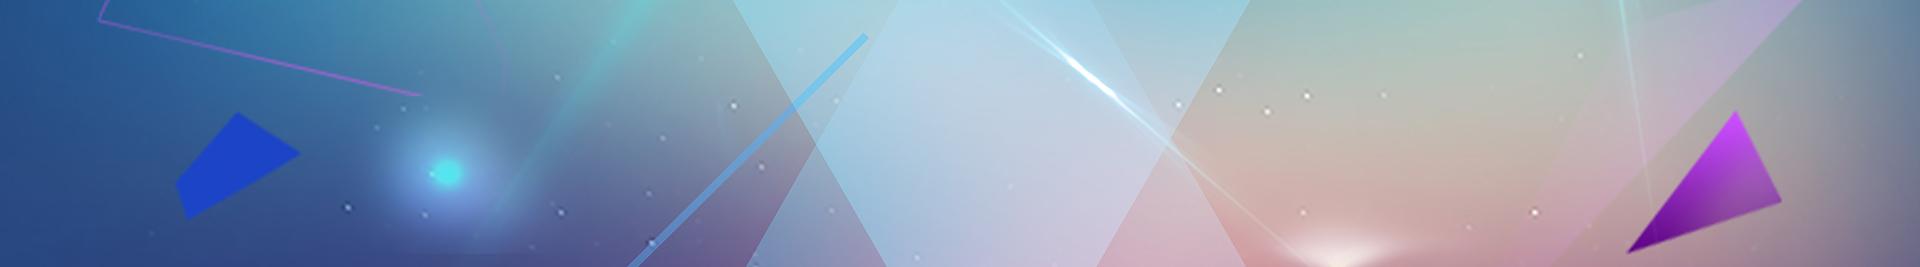 网站建设,网页设计,企业仿站,模板网站,小程序,app制作开发,网站推广,seo,网站优化,关键词排名,万词霸屏,微信朋友圈广告,朋友圈推广,落地页设计,推广页设计,成都网络公司,建站工厂,凡思特科技